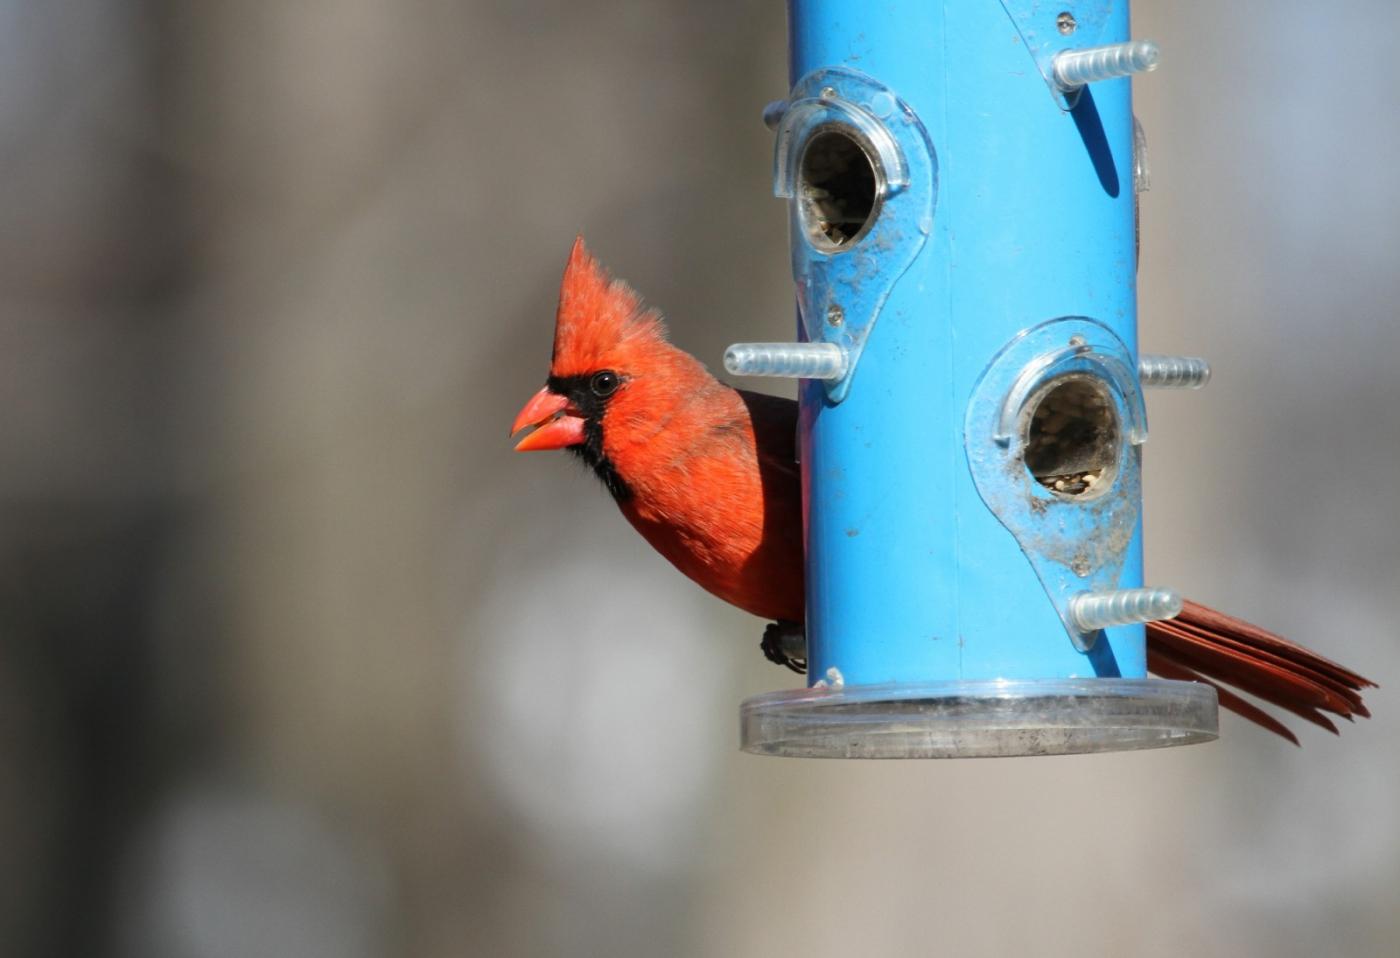 【田螺摄影】天暖了、把喂鸟器装满鸟就来了_图1-2